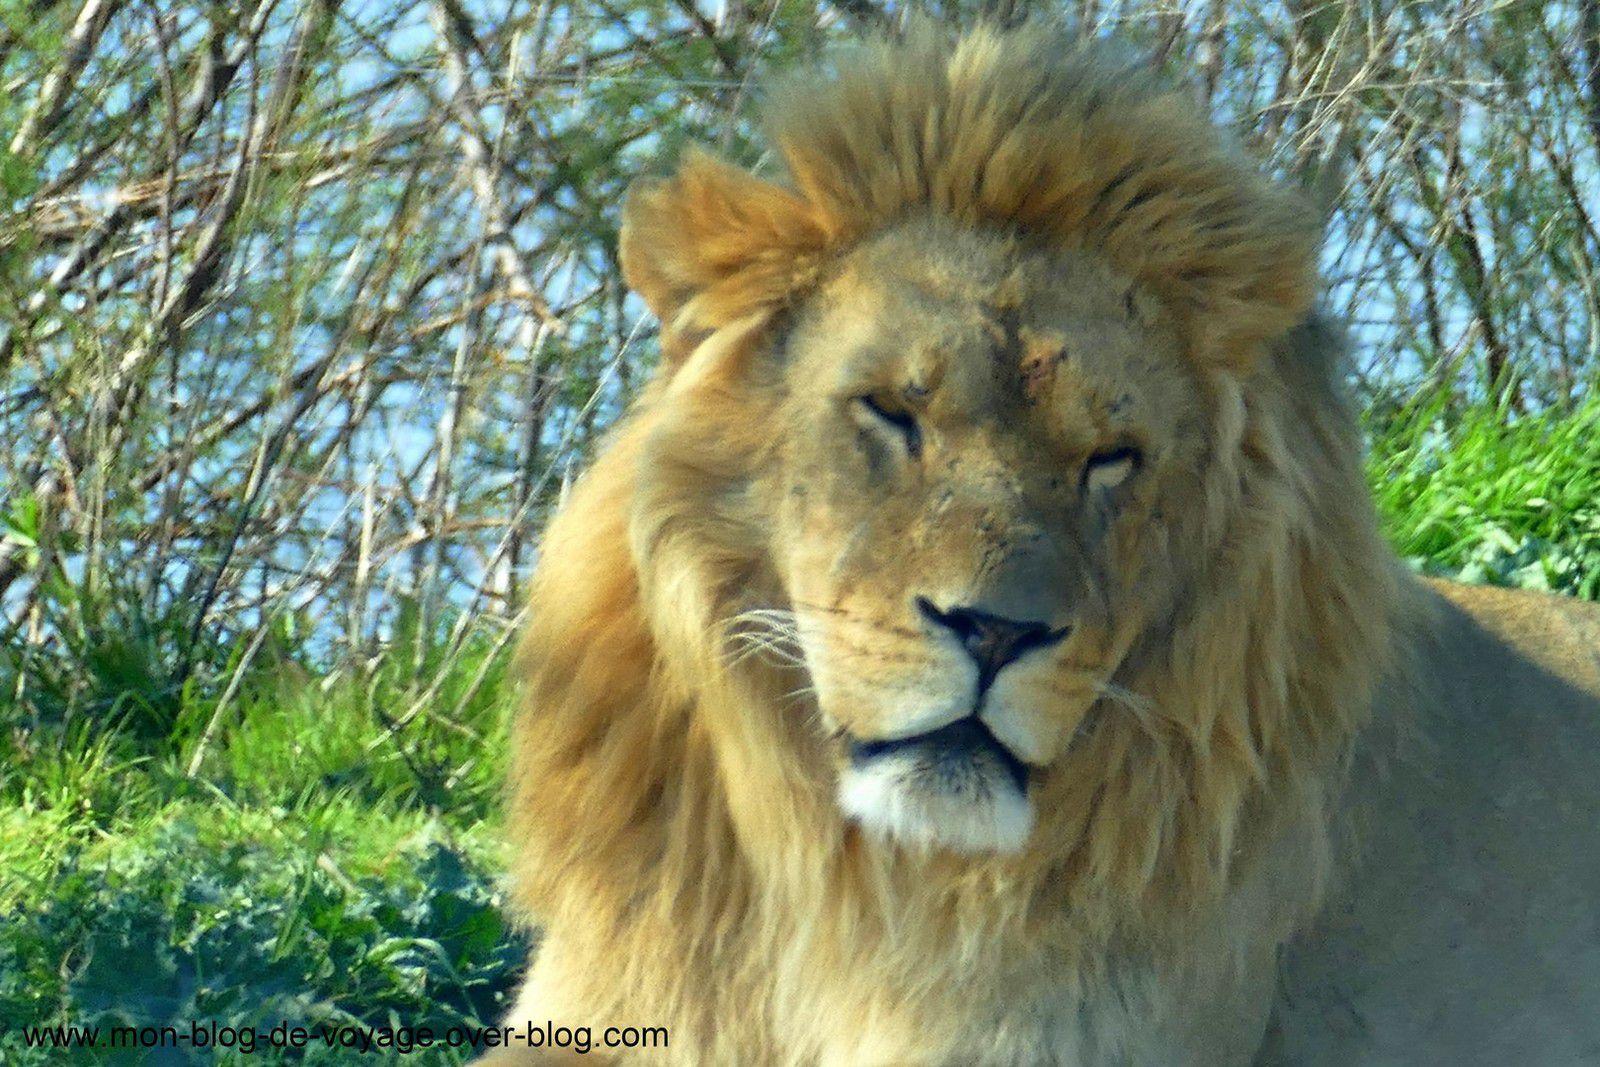 Le groupe de lions et lionnes profitant du soleil du printemps (juin 2016 et mars 2019, images personnelles)